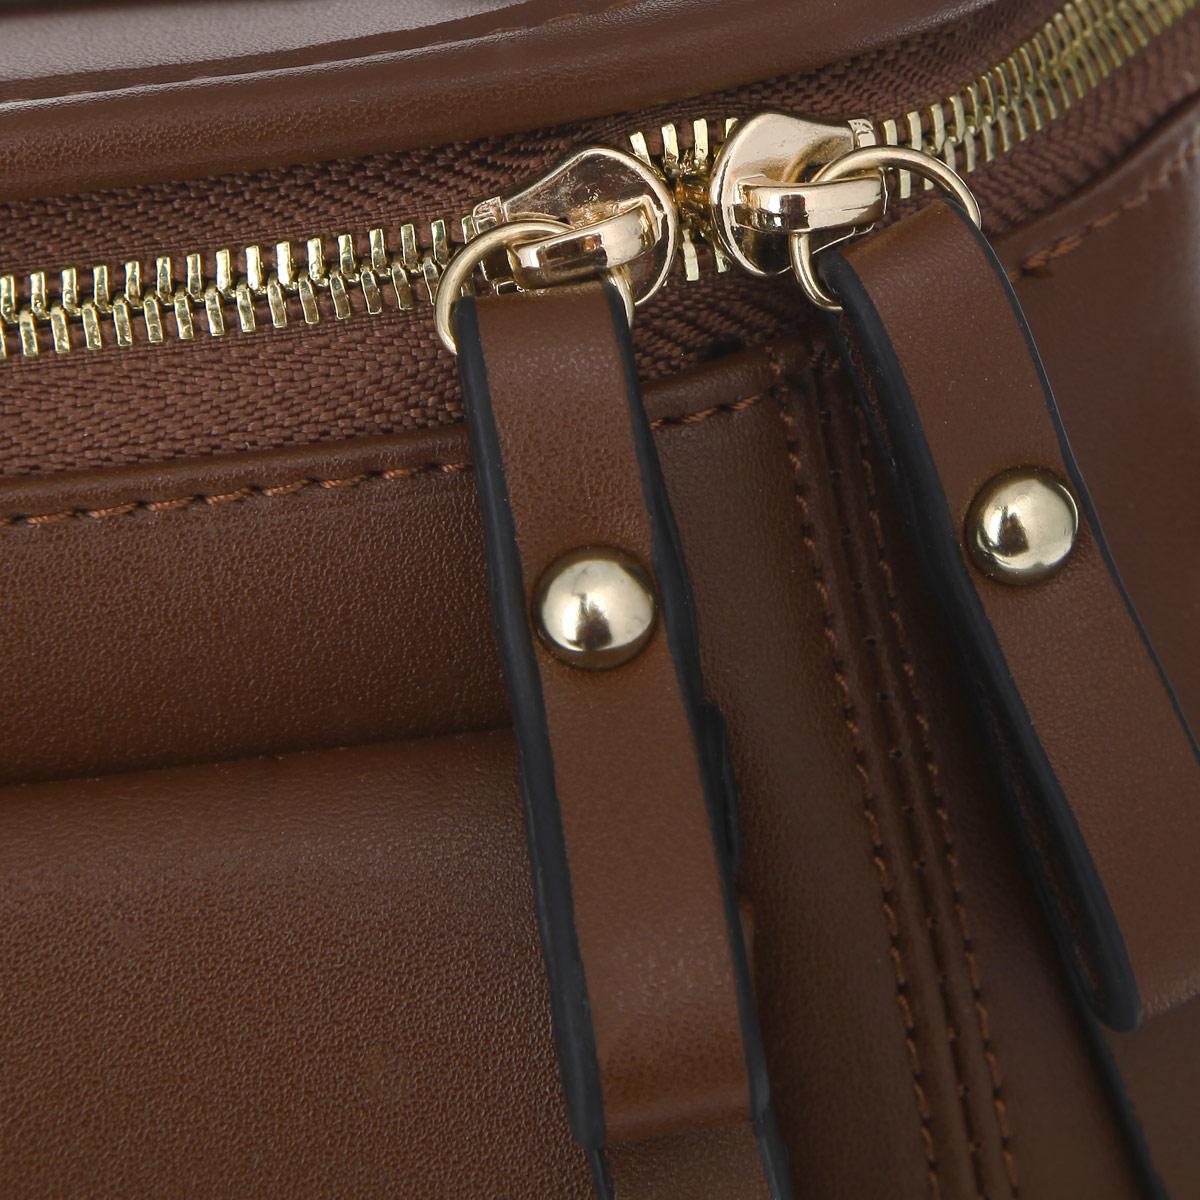 Сумка женская Leighton, цвет: коричневый. 3085 ( 3085 коричн )